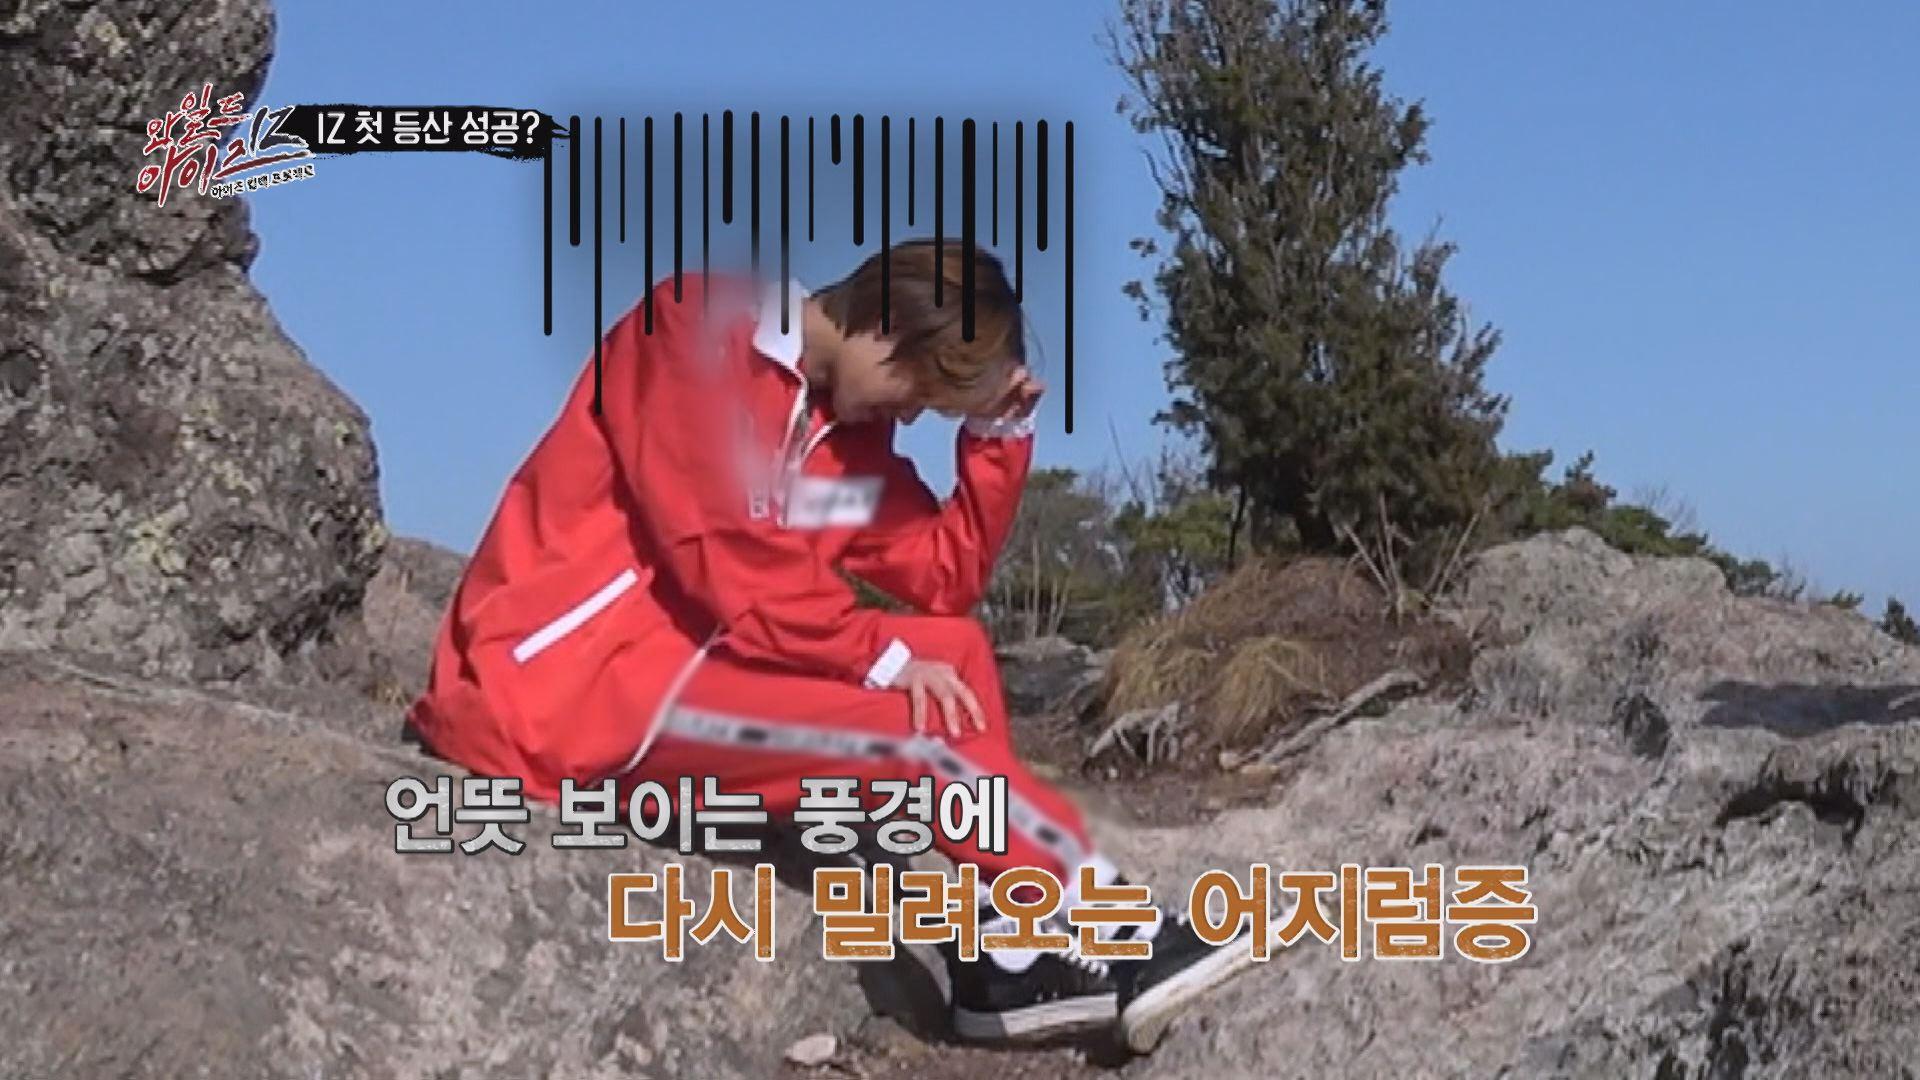 [와일드 아이즈 4화] Clip 01.아이즈 첫 등산 성공!